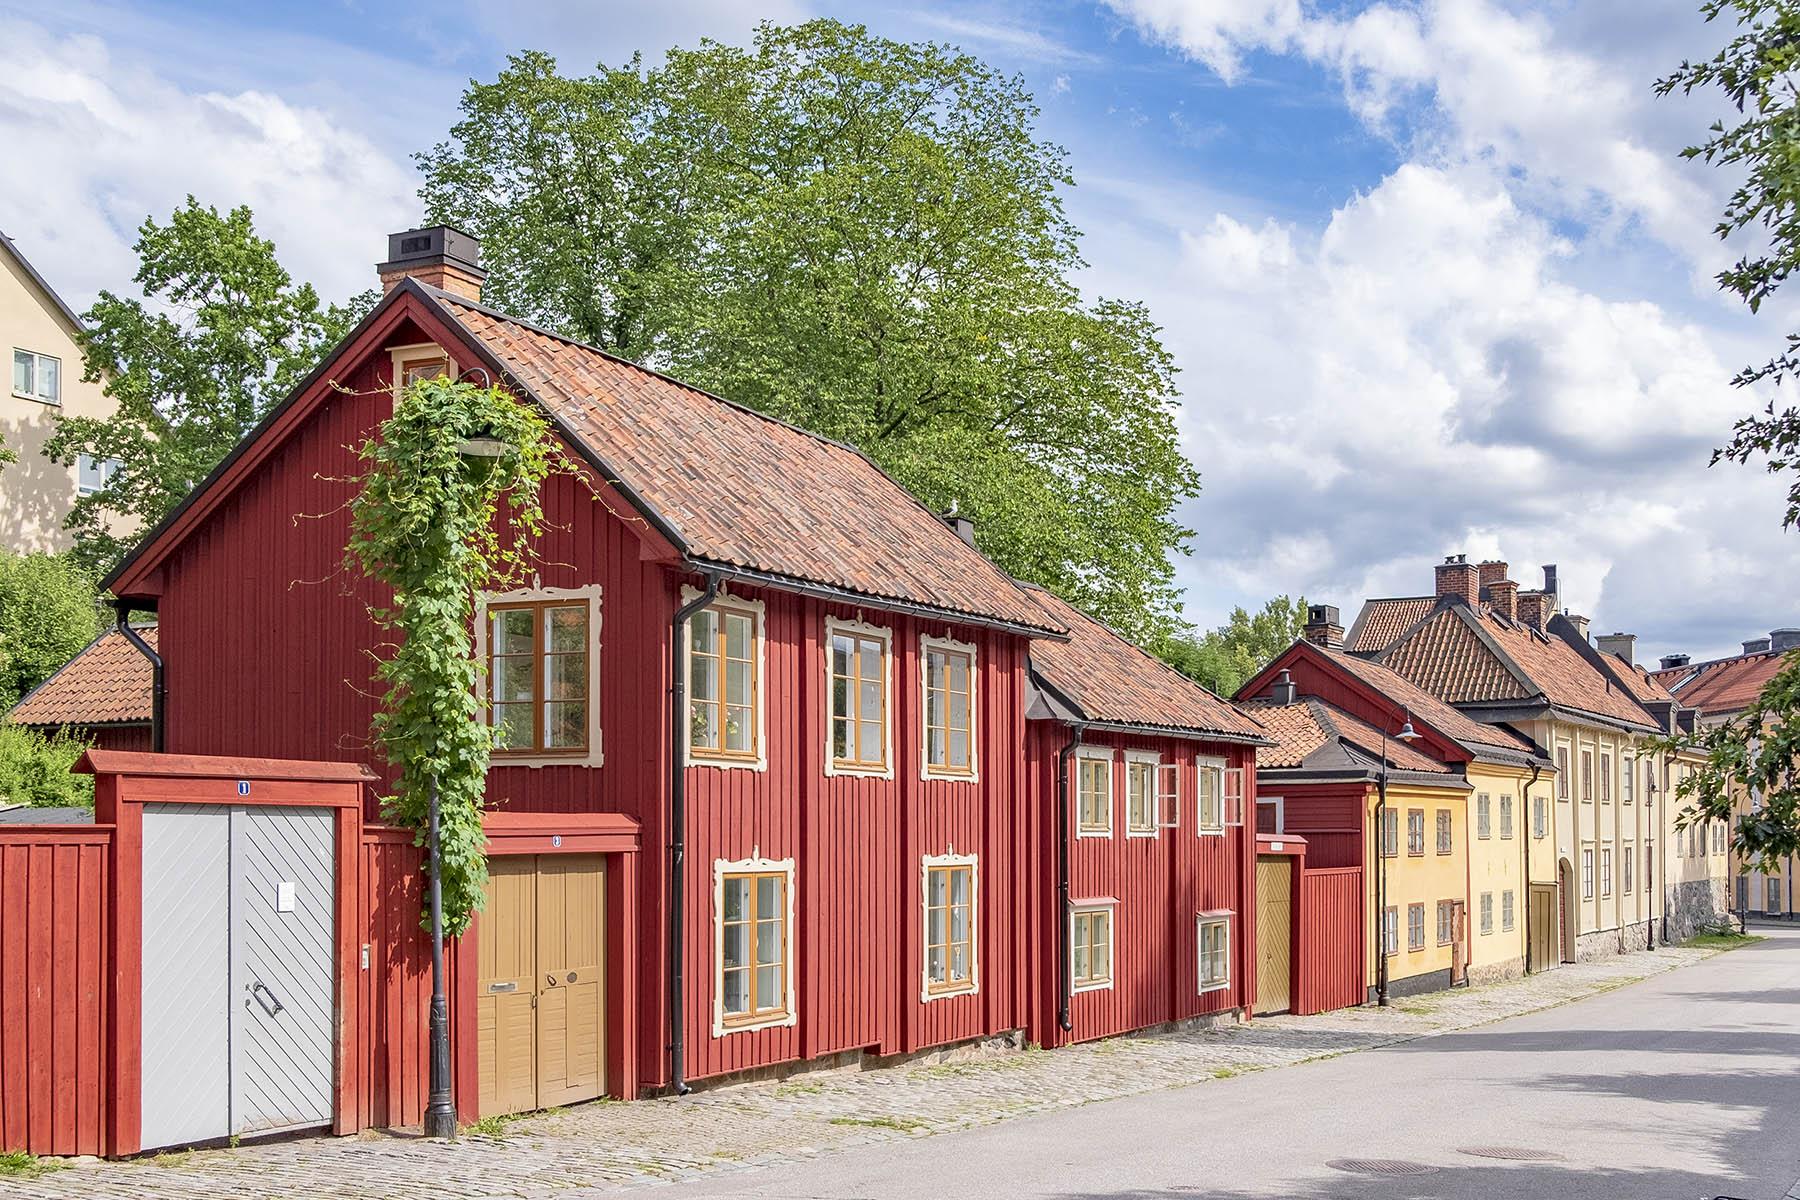 Nytorget Stockholm